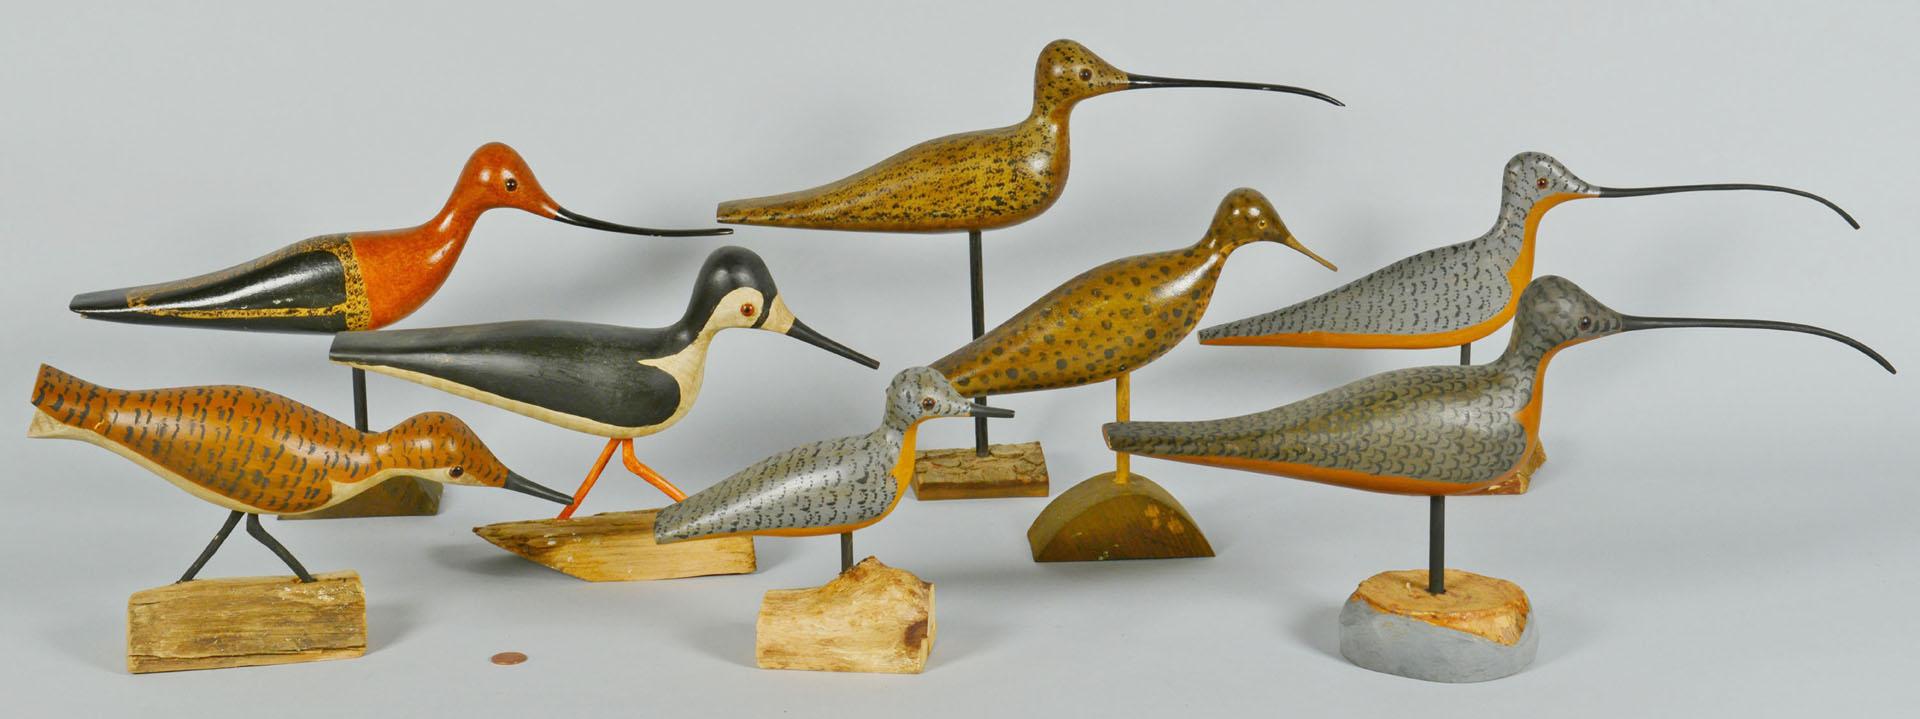 8 Shorebirds by Percy Perkins, N.H.